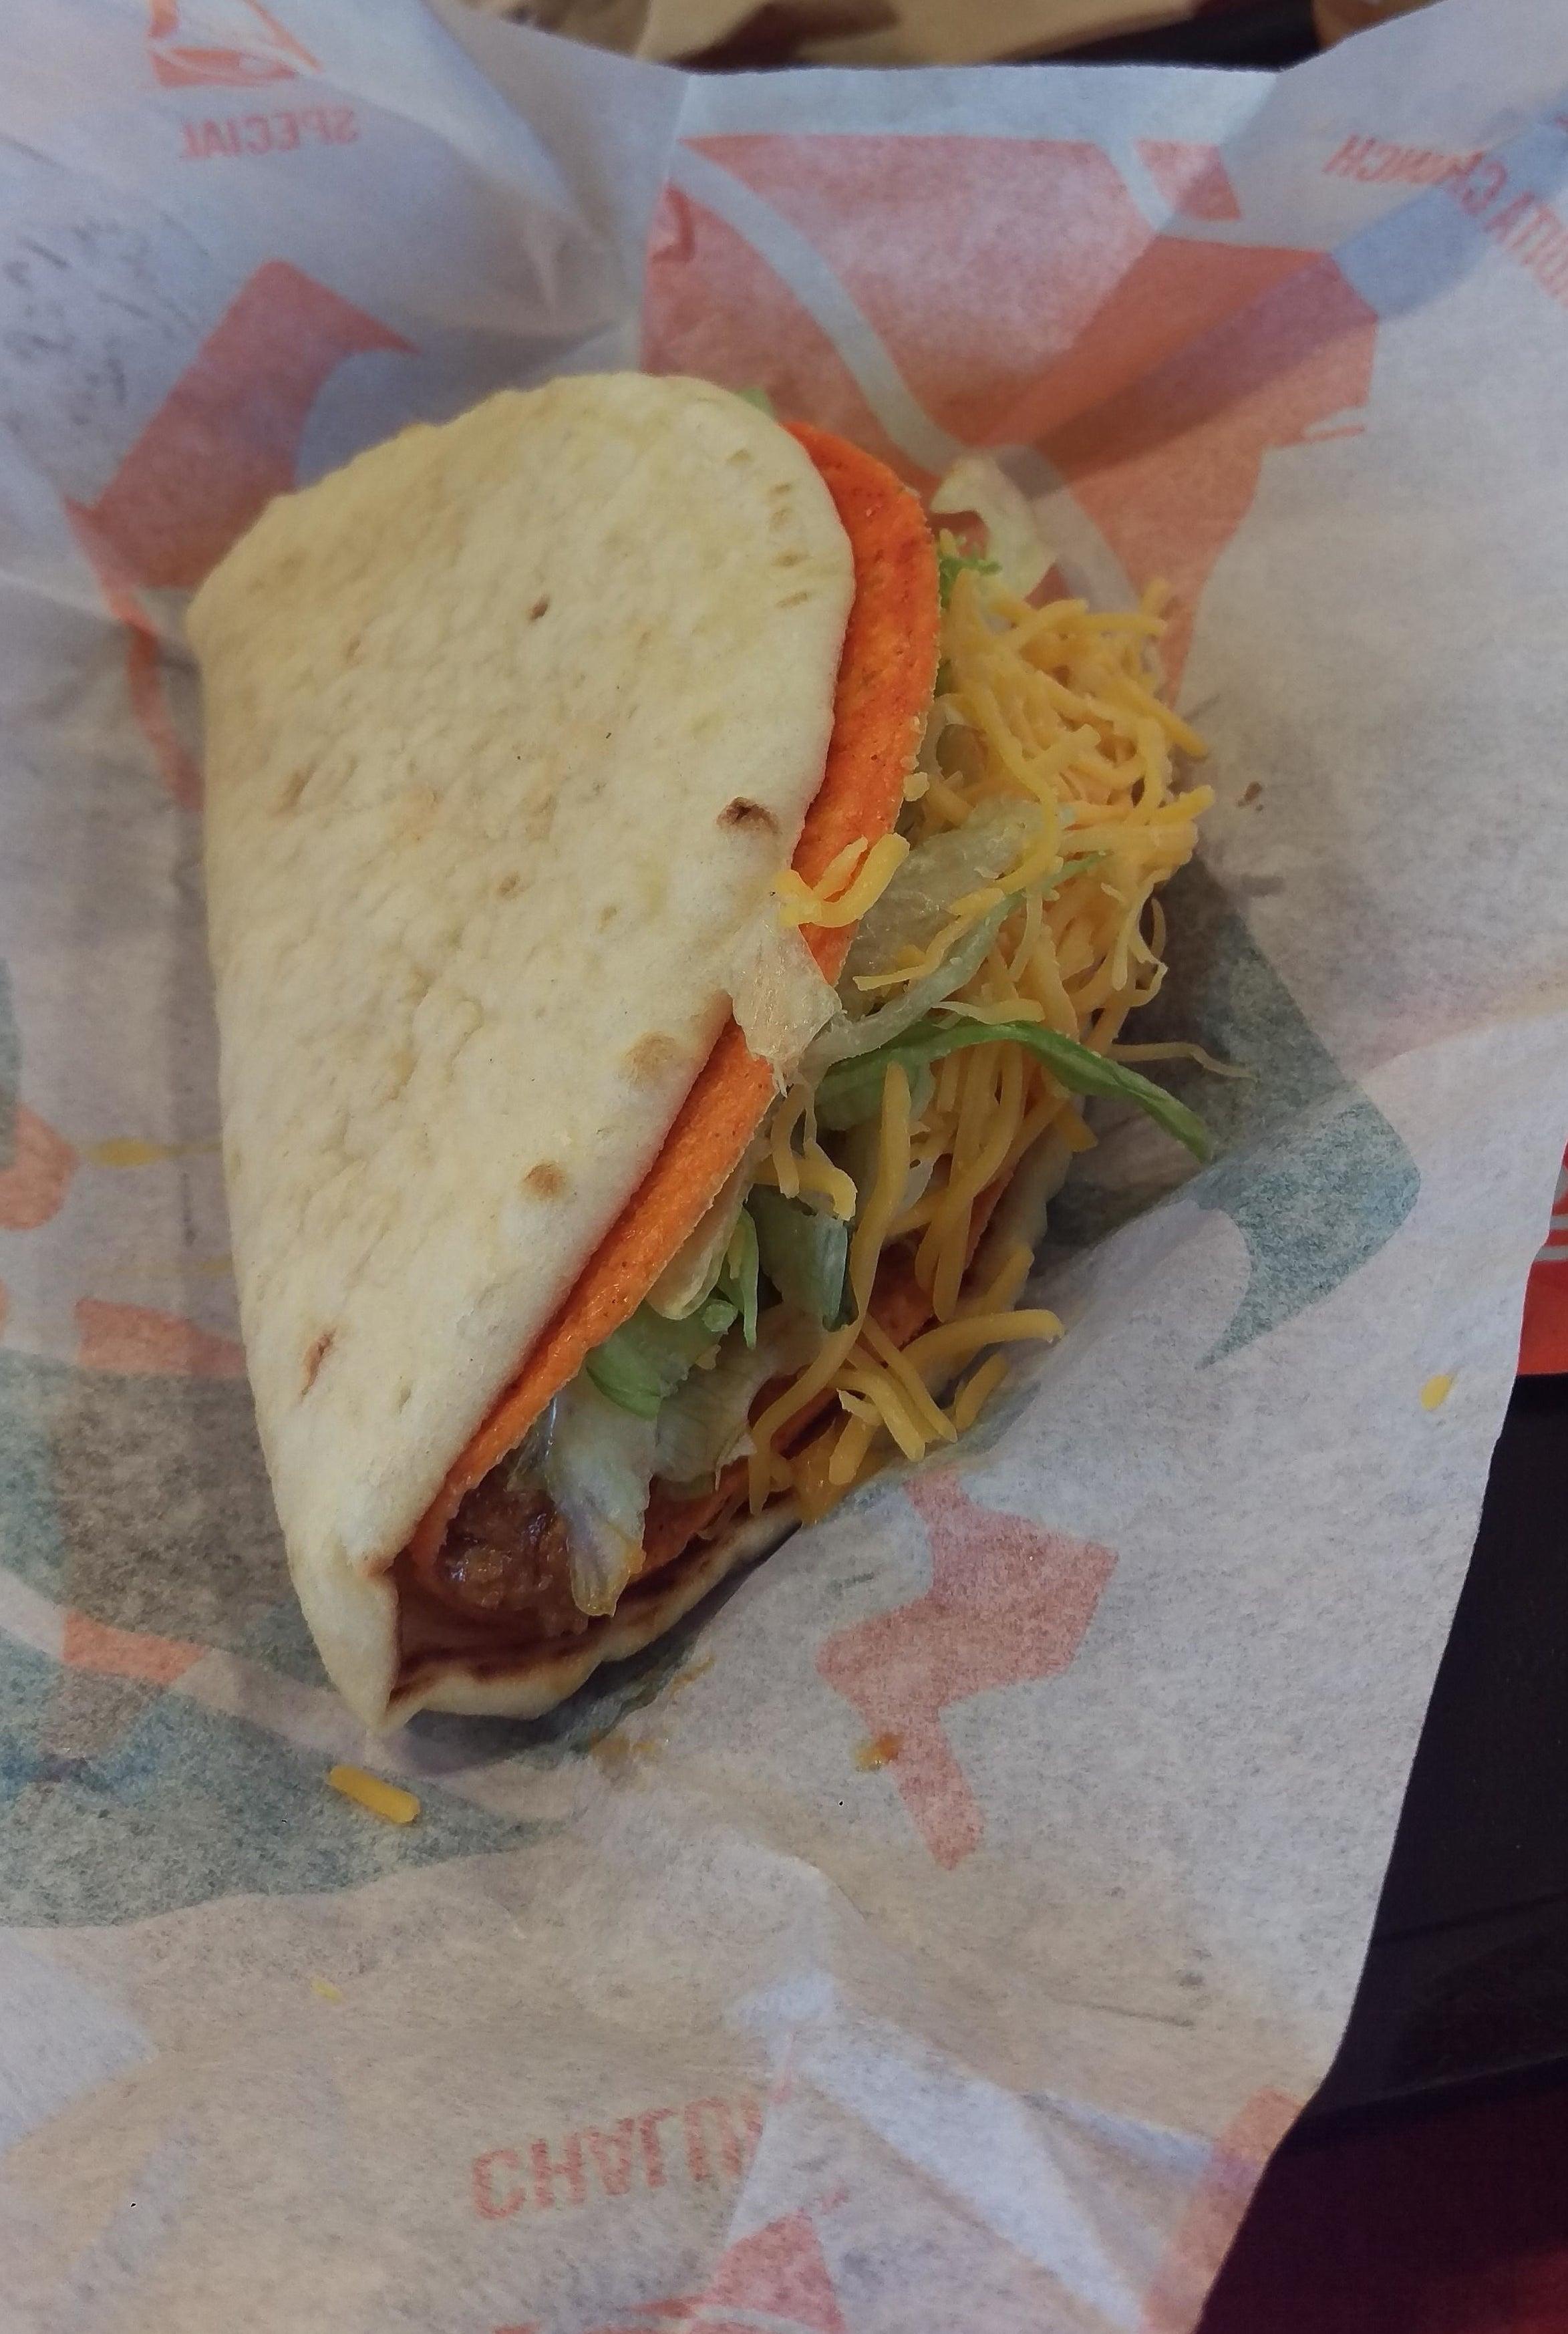 A cheesy gordito crunch in a Dorito taco shell.